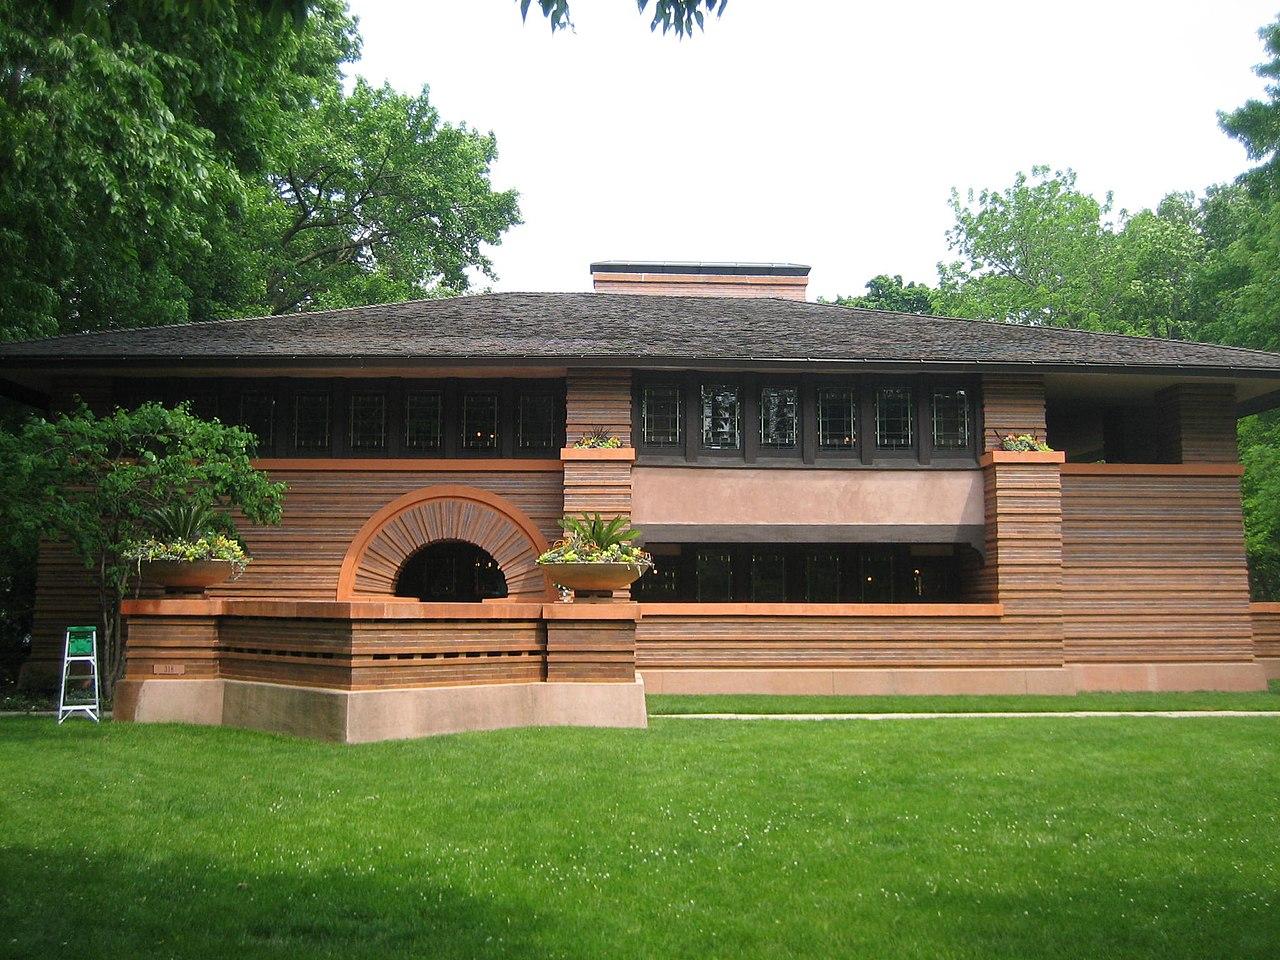 FileOak Park Il Heurtley House5jpg  Wikimedia Commons